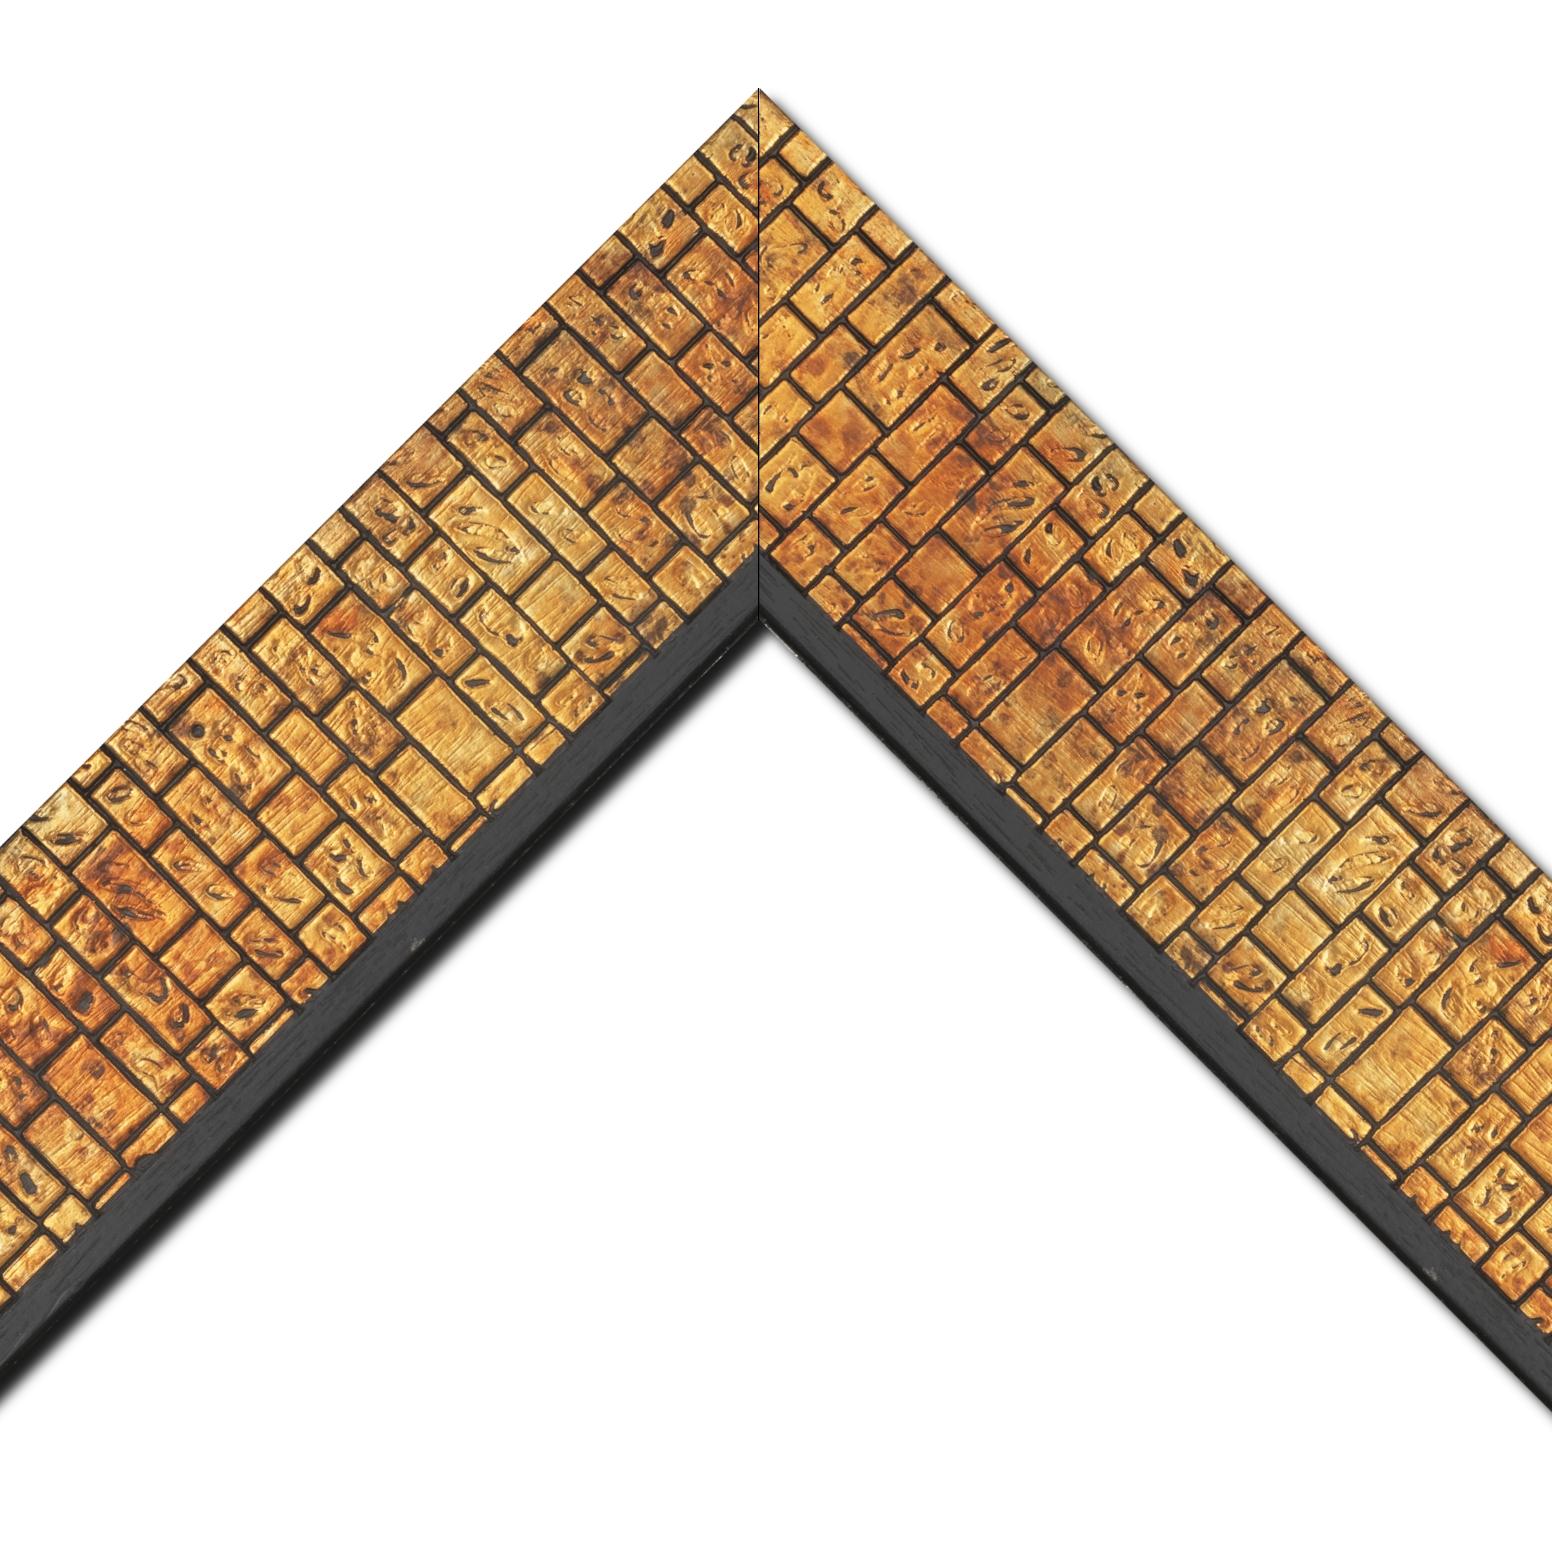 Baguette bois profil plat largeur 9.1cm or cuivré nez noir décor effet mur